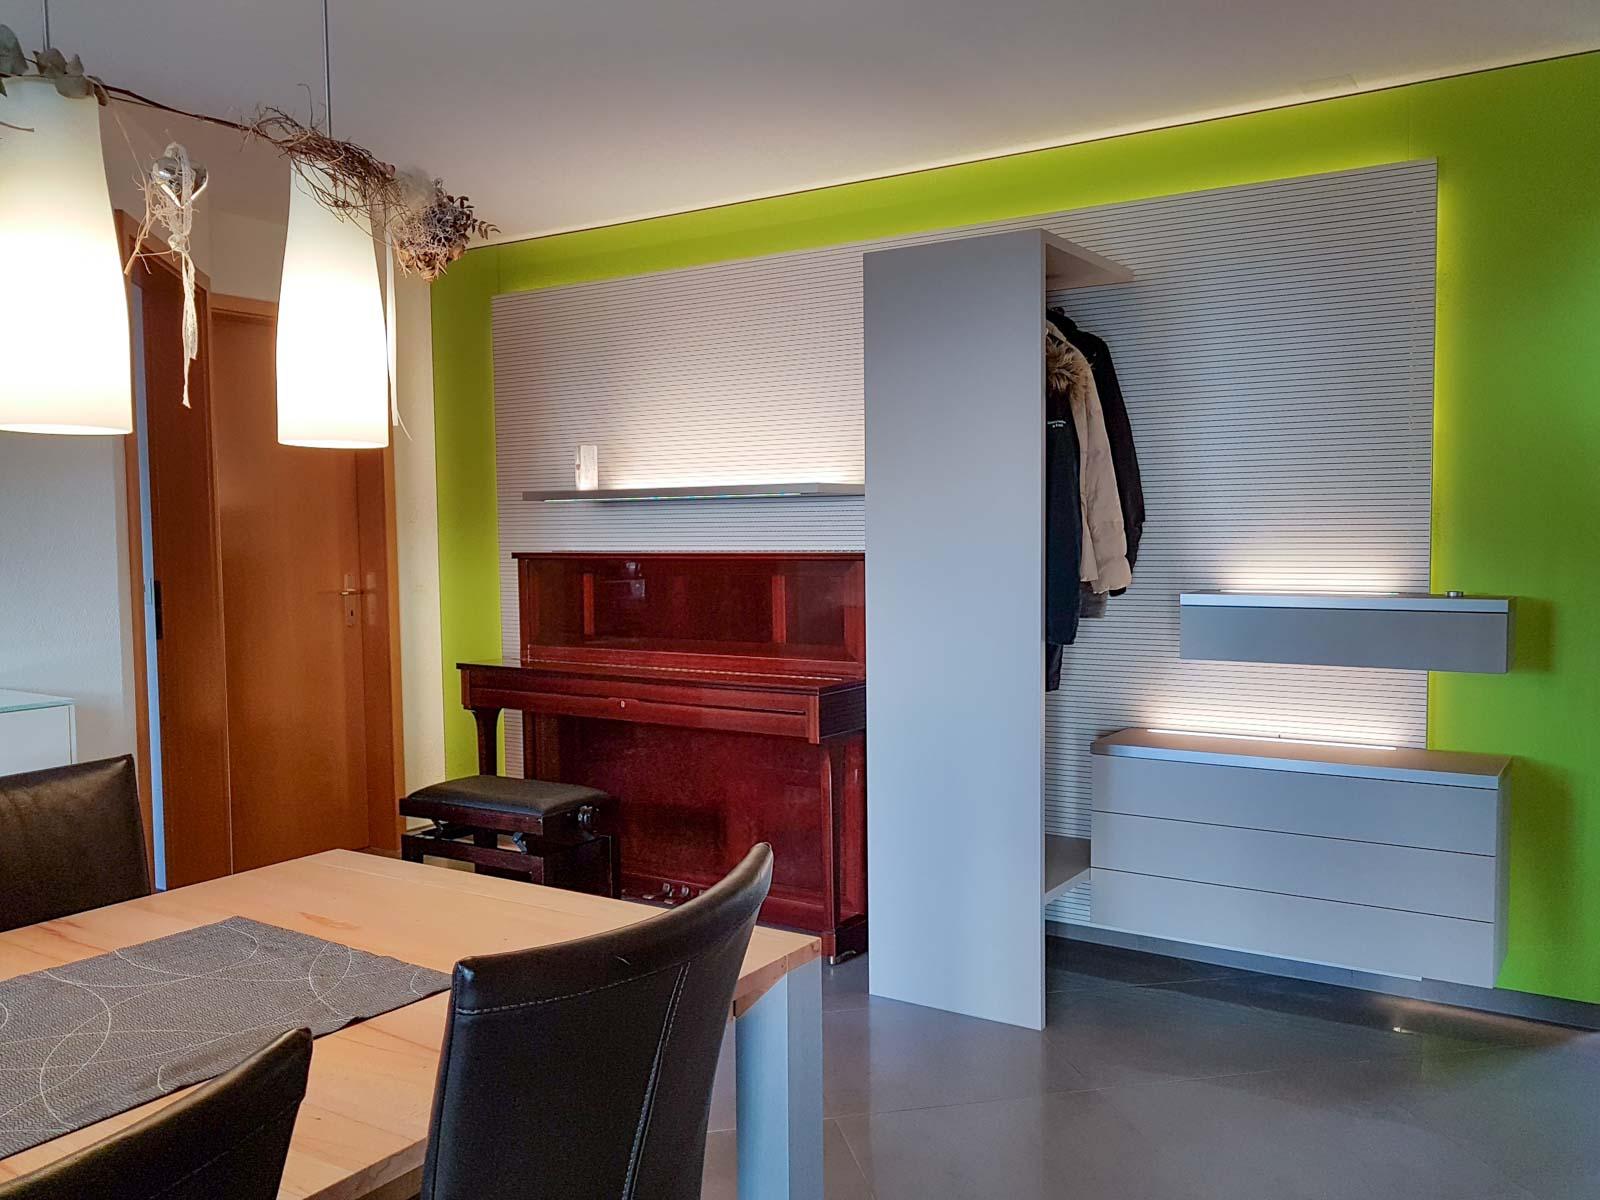 Wooddesign_Wohnzimmermöbel_grün weiss_Schallabsorption_Schalldämmung_Garderobe (1)